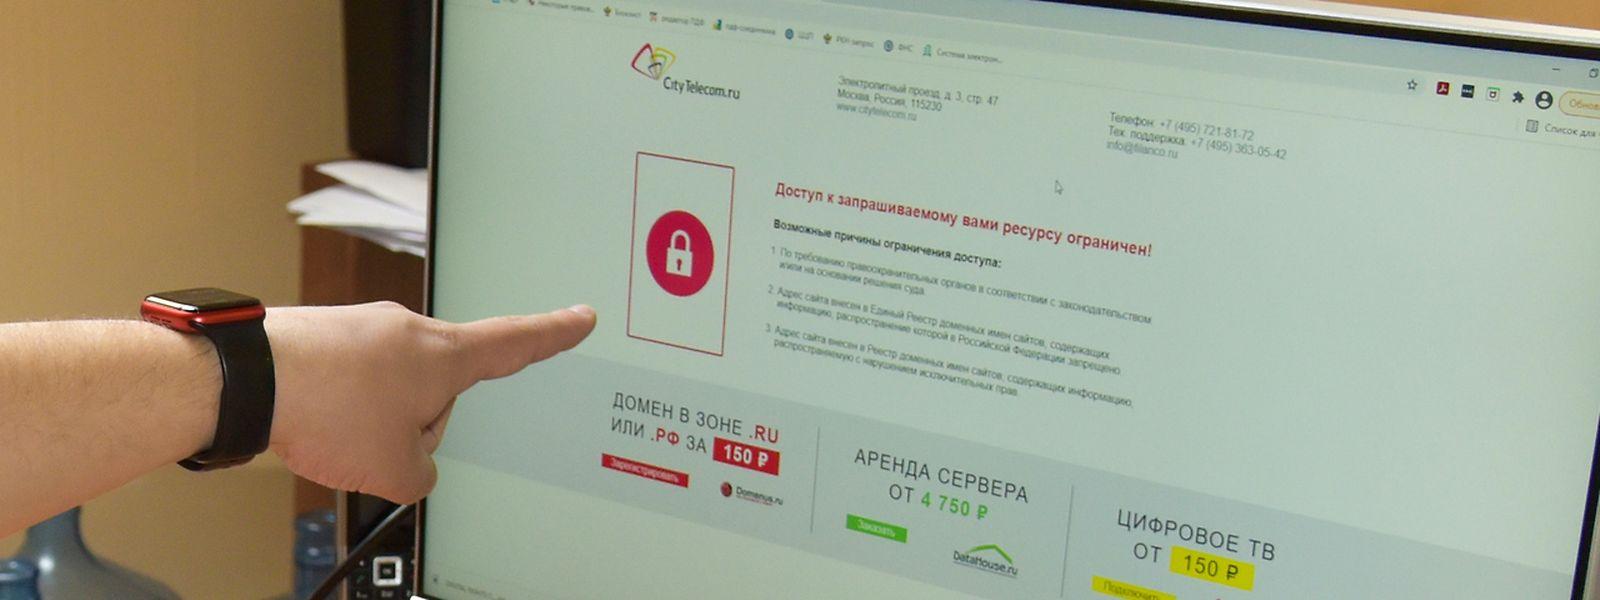 Die russischen Behörden haben vor den Parlamentswahlen zahlreiche Internetseiten der Opposition gesperrt.